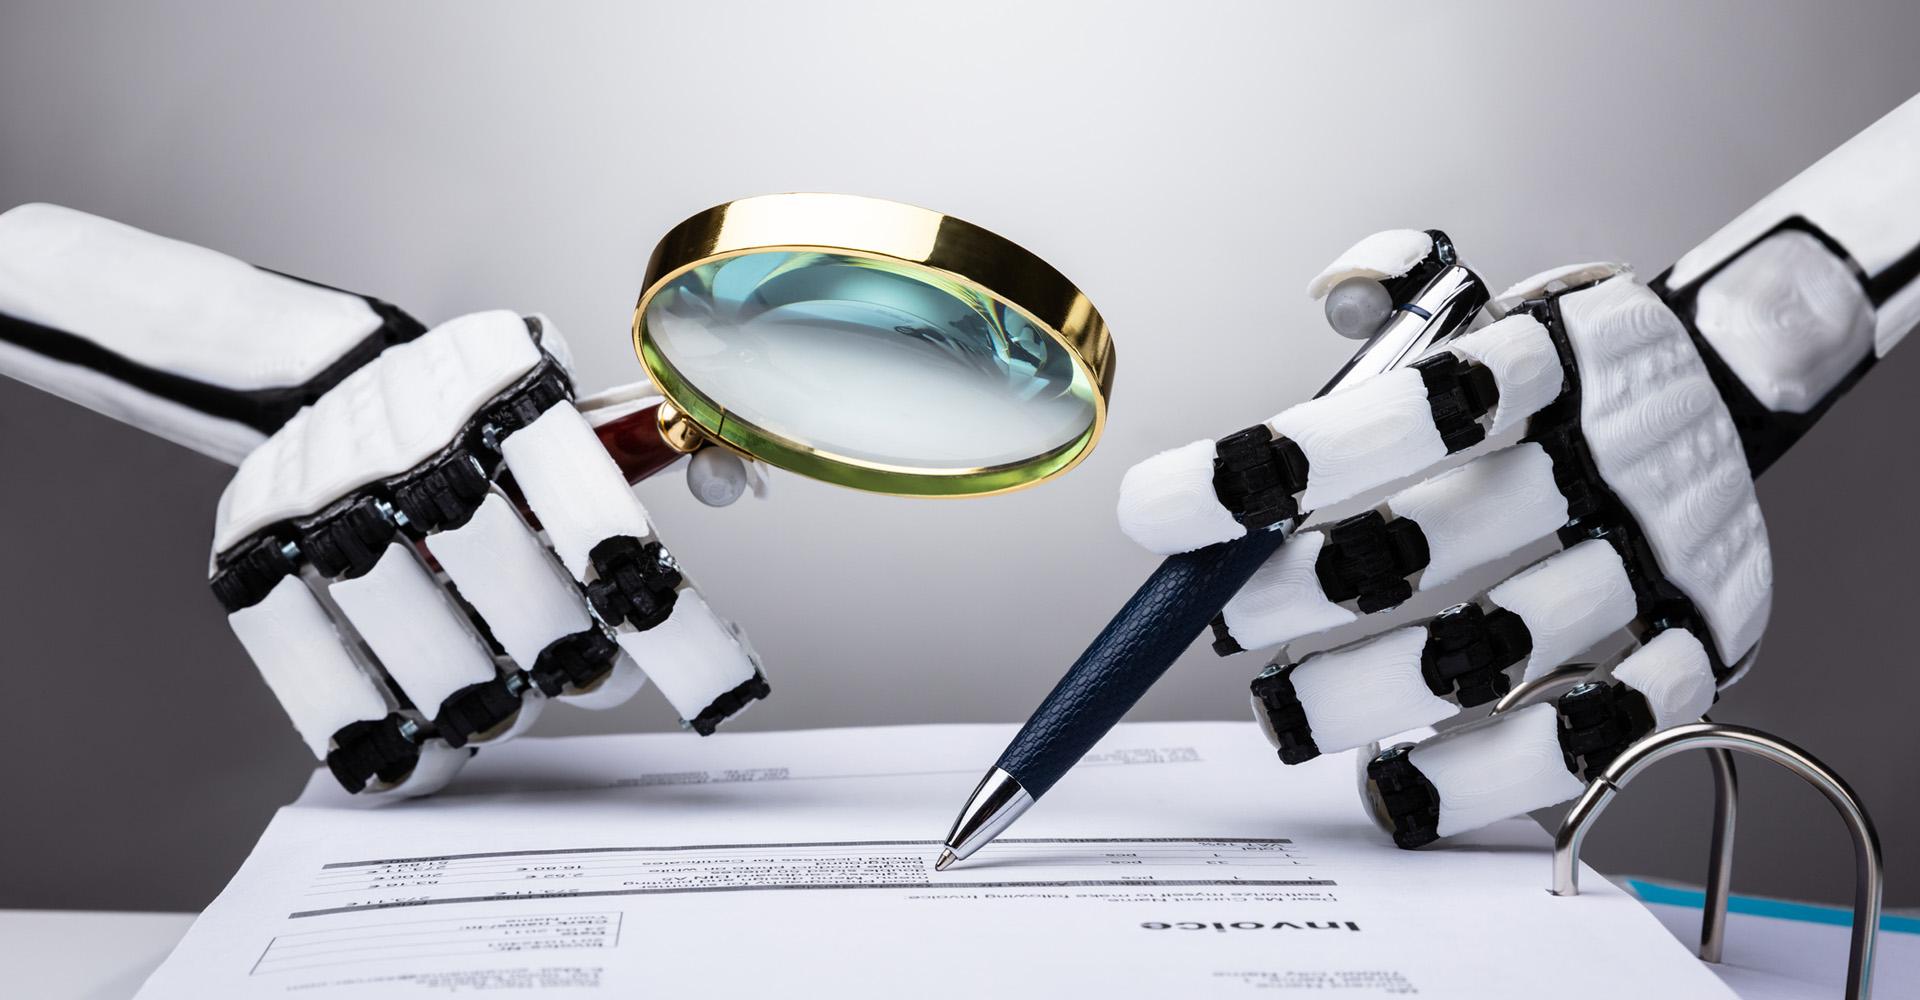 Mechanische Hände prüfen mit Lupe und Kugelschreiber ein Schriftstück.